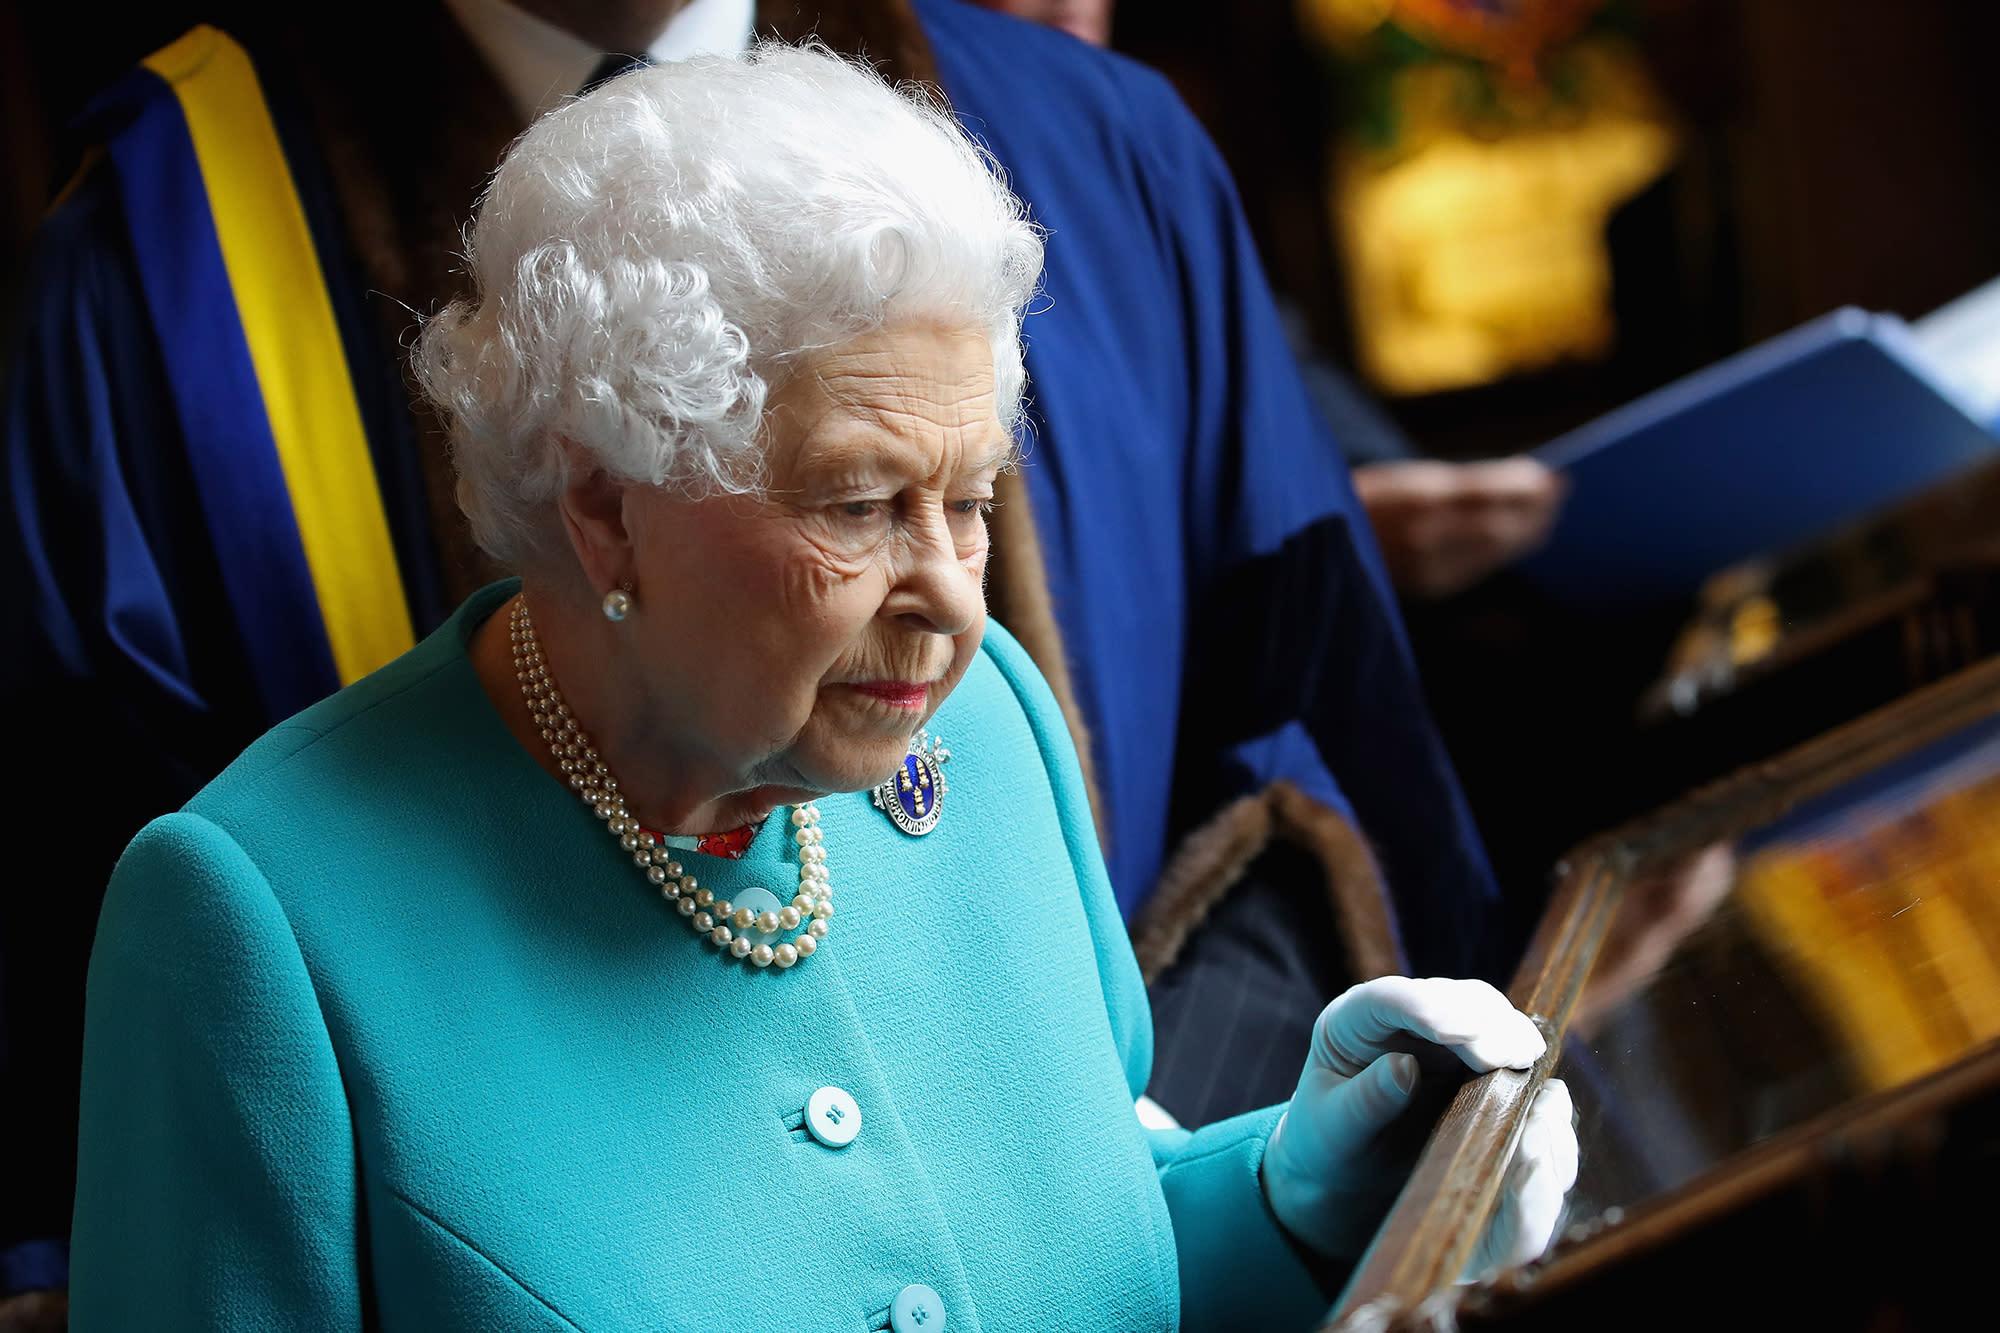 queen elizabeth ra speech Queen elizabeth speech to the troops and tilbury  alliteration  alliteration  anadiplosis  juxtaposition  anaphora  anaphora  anaphora  metaphor  anadiplosis.